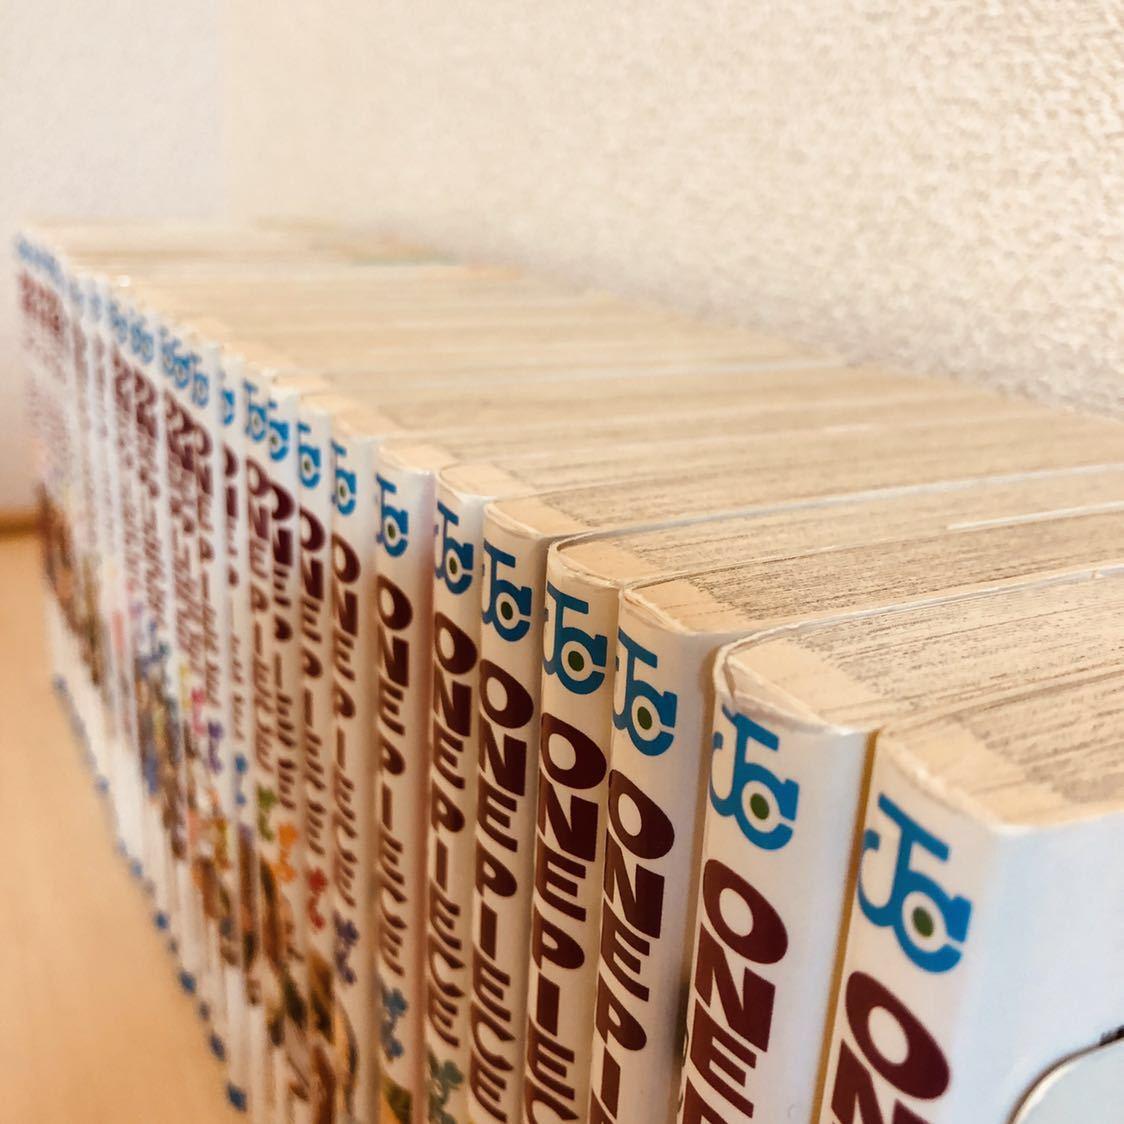 【送料無料・新品有】ワンピース 全巻セット 1巻~92巻 最新刊 漫画 マンガ コミック ONE PIECE 匿名配送_画像3